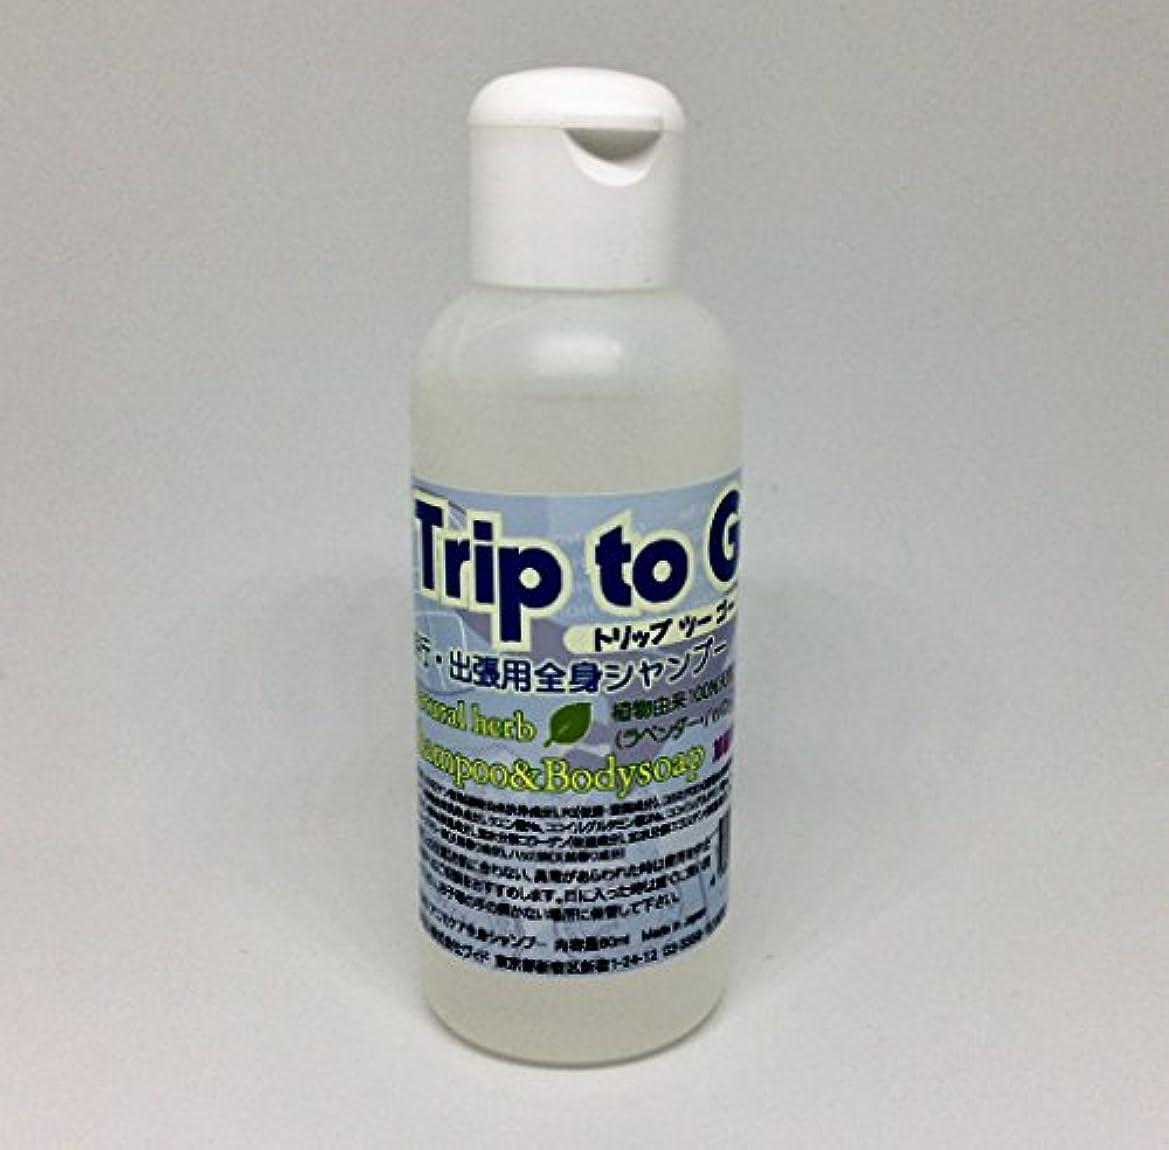 ヒロインルー酸Trip to Go(トリップツーゴー) 全身シャンプー 60ml 旅行/出張にコレ1本 ただいま送料無料です。